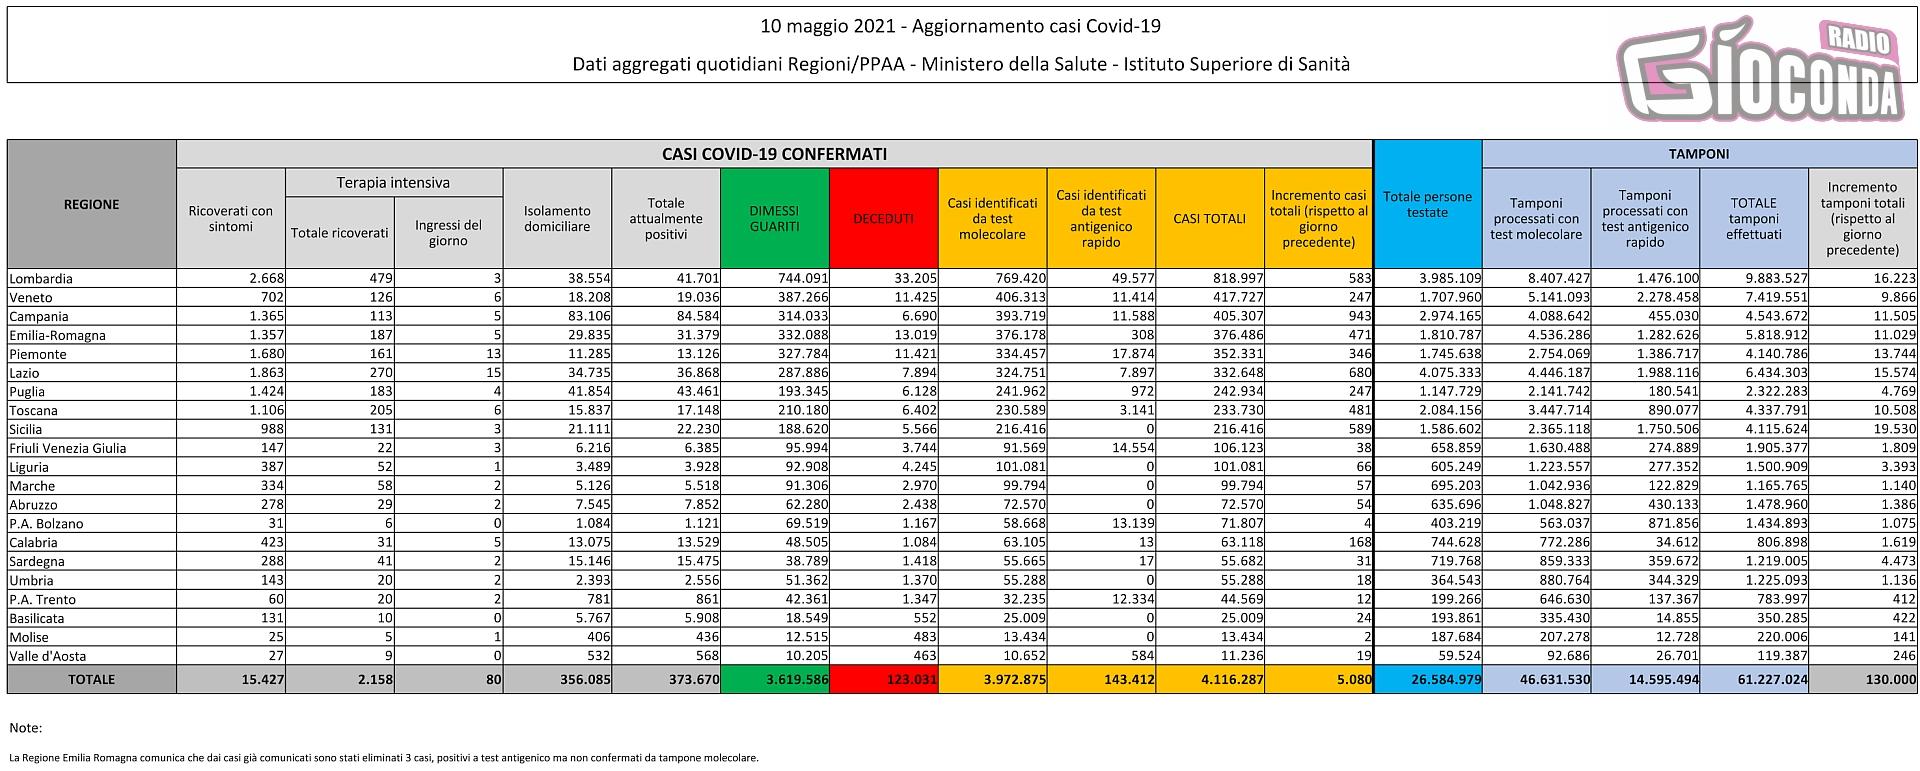 10 maggio 2021 - Aggiornamento casi Covid-19 Dati aggregati quotidiani Regioni/PPAA - Ministero della Salute - Istituto Superiore di Sanità